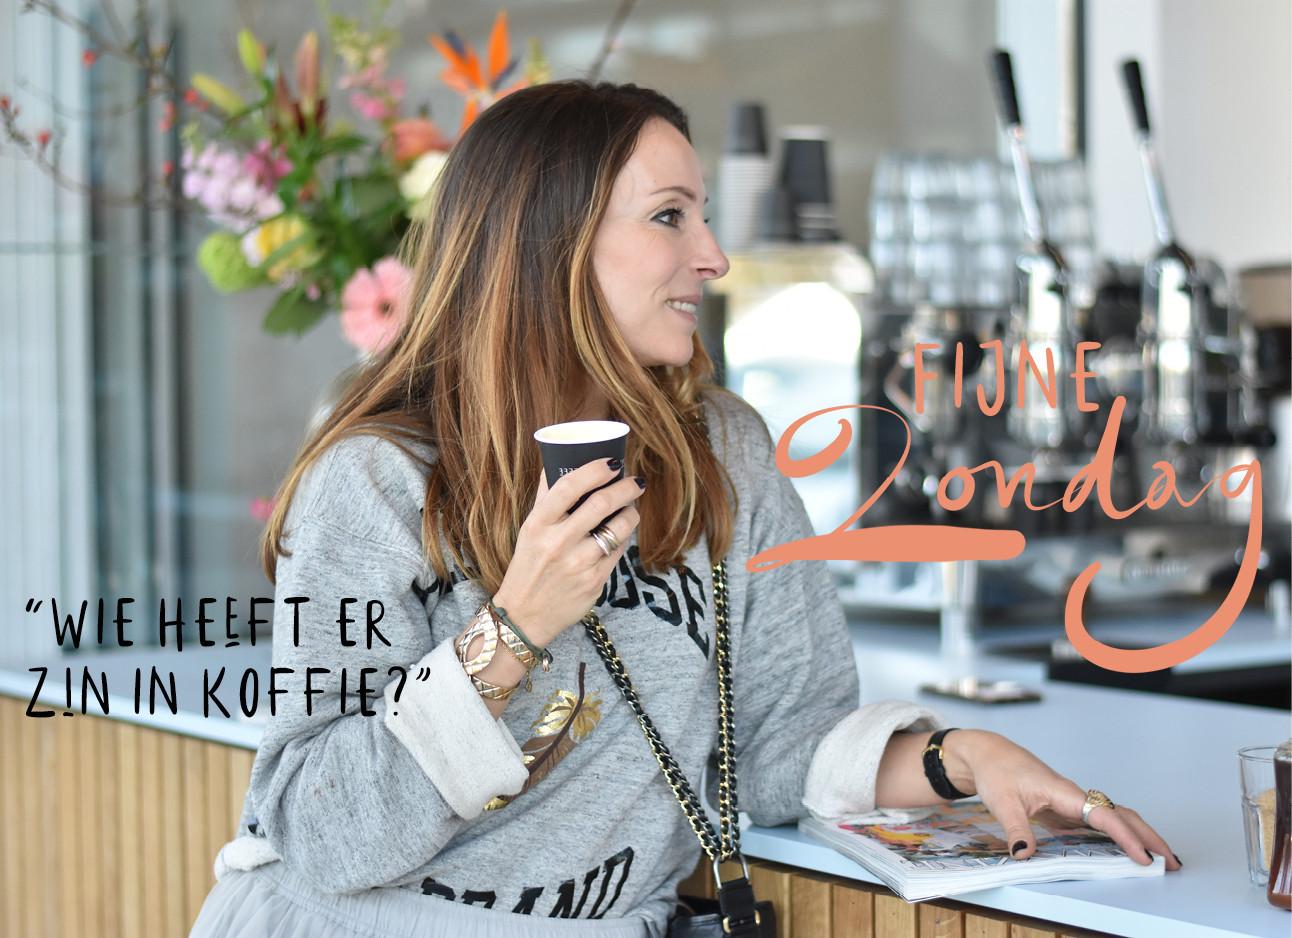 may-britt mobach staat aan de bar van een koffietentje met een cappuccino in haar hand. ze draagt een grijze trui en op de bar ligt het runway report magazine van amayzine